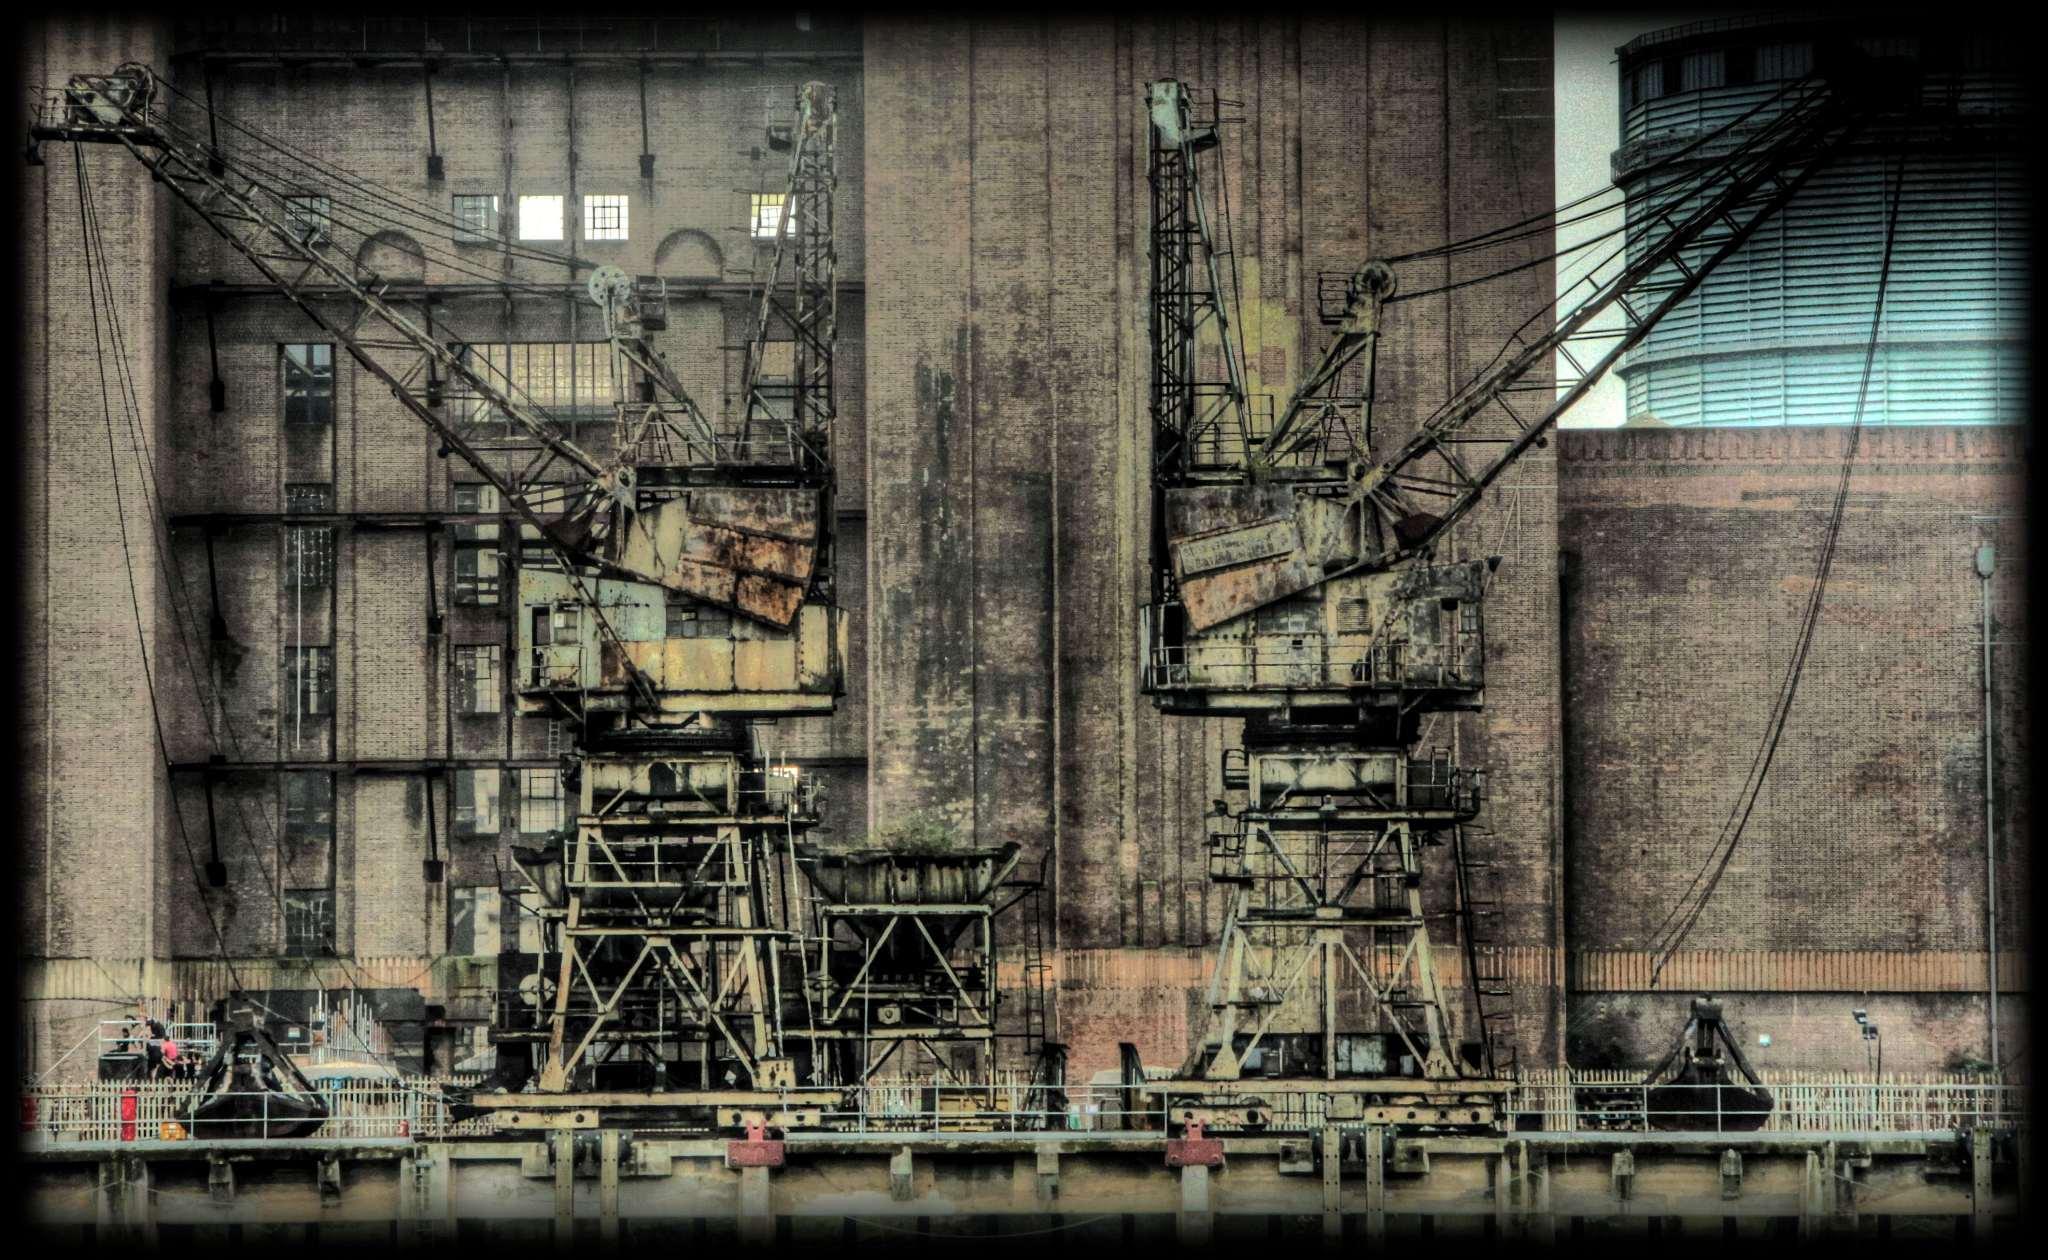 Battersea Power Station detail